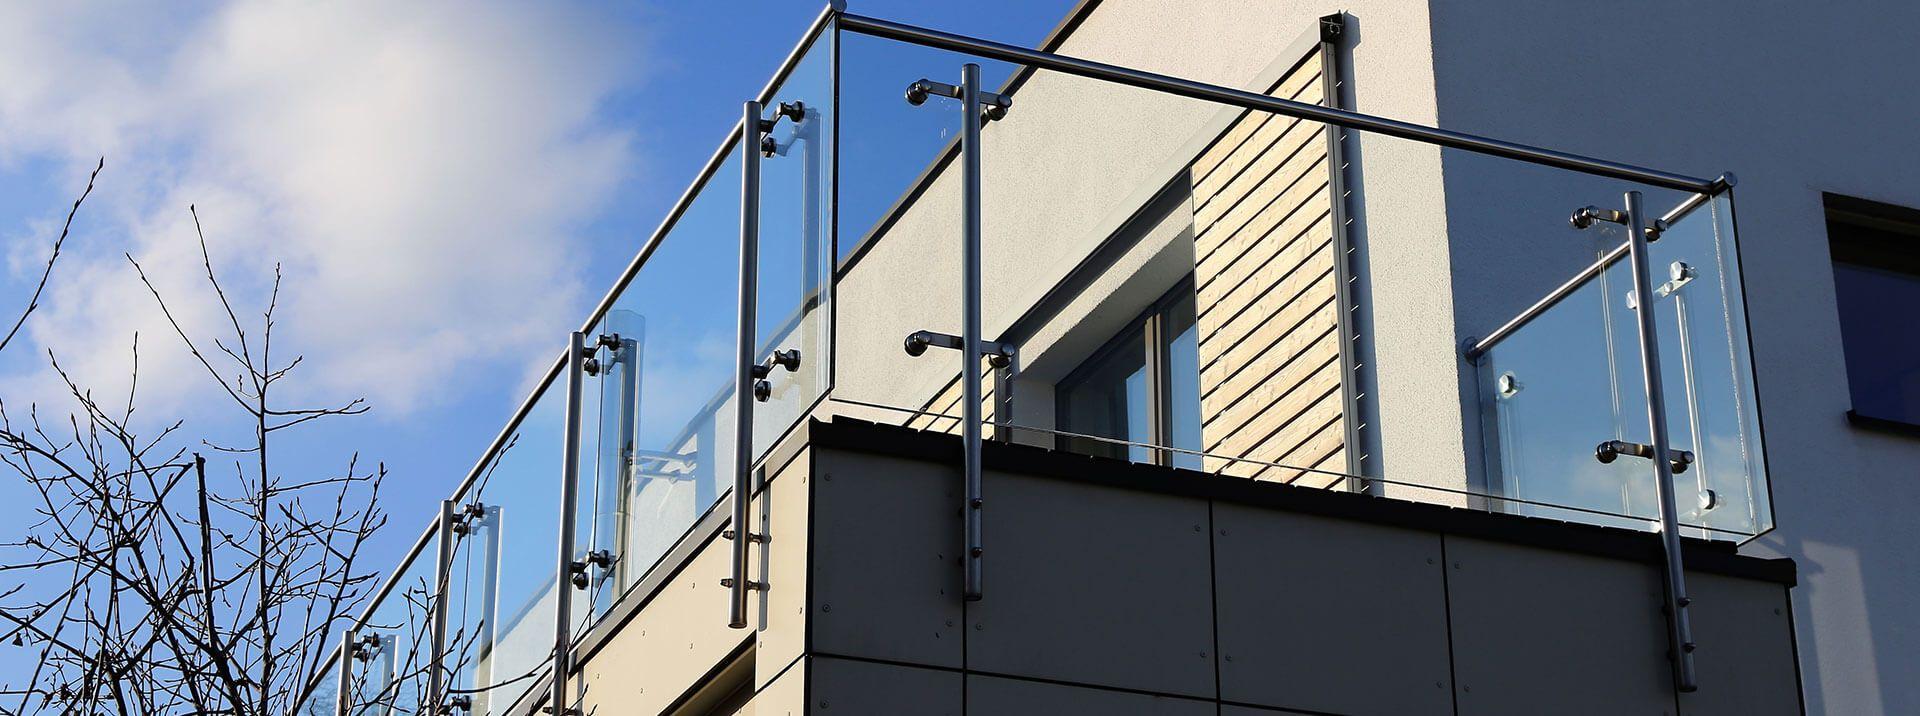 גדר שקופה במרפסת - אנ.אס עבודות אלומיניום